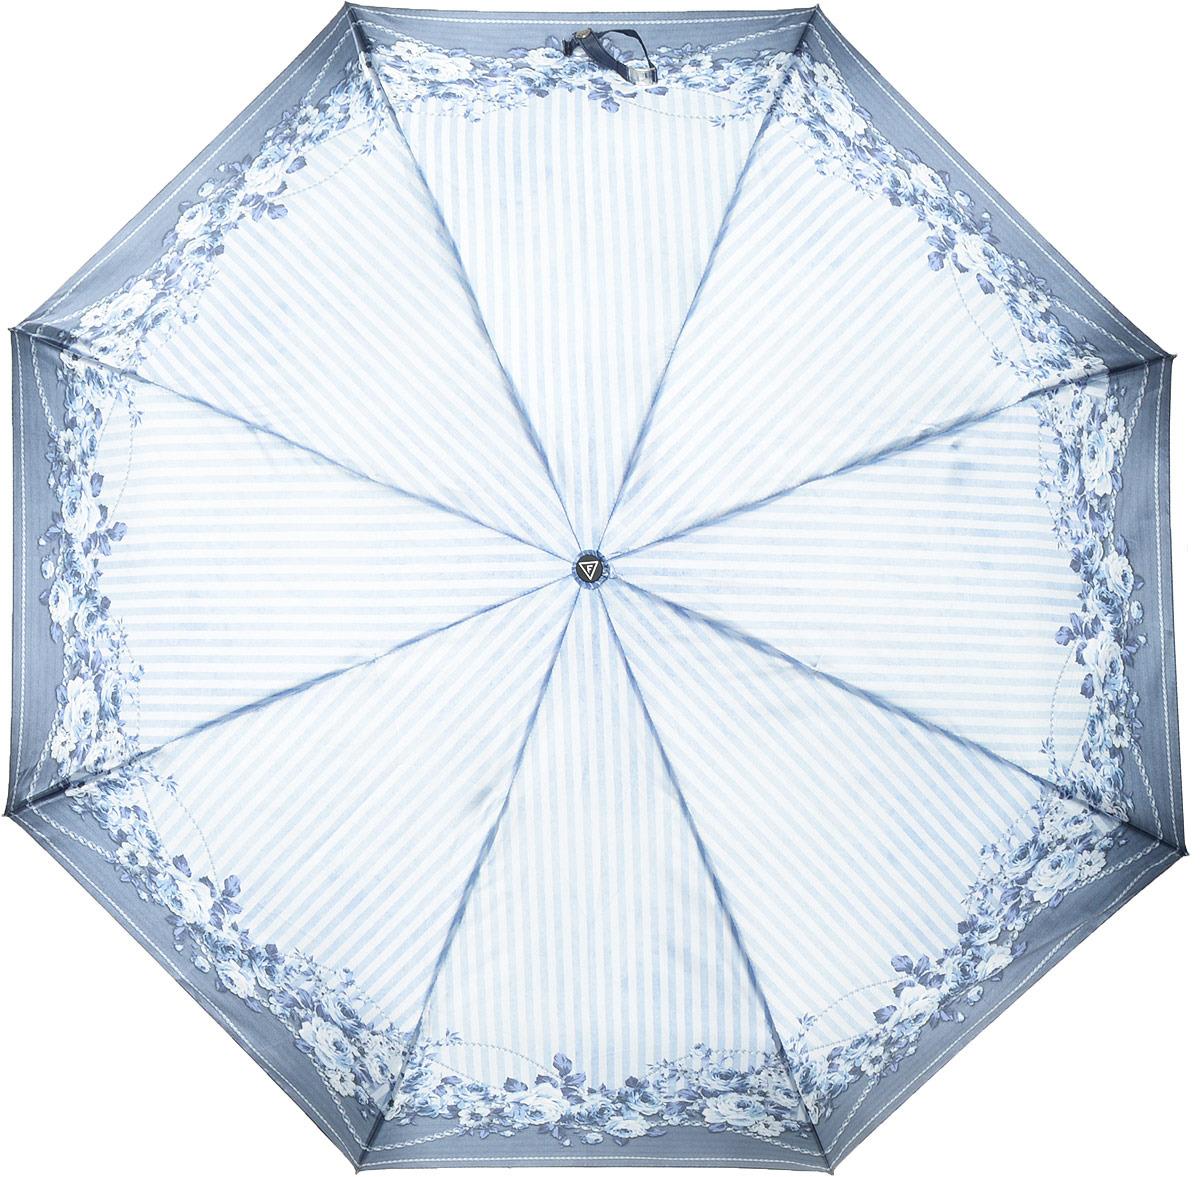 купить Зонт женский Fabretti, автомат, 3 сложения, цвет: голубой. S-18102-7 по цене 1031 рублей